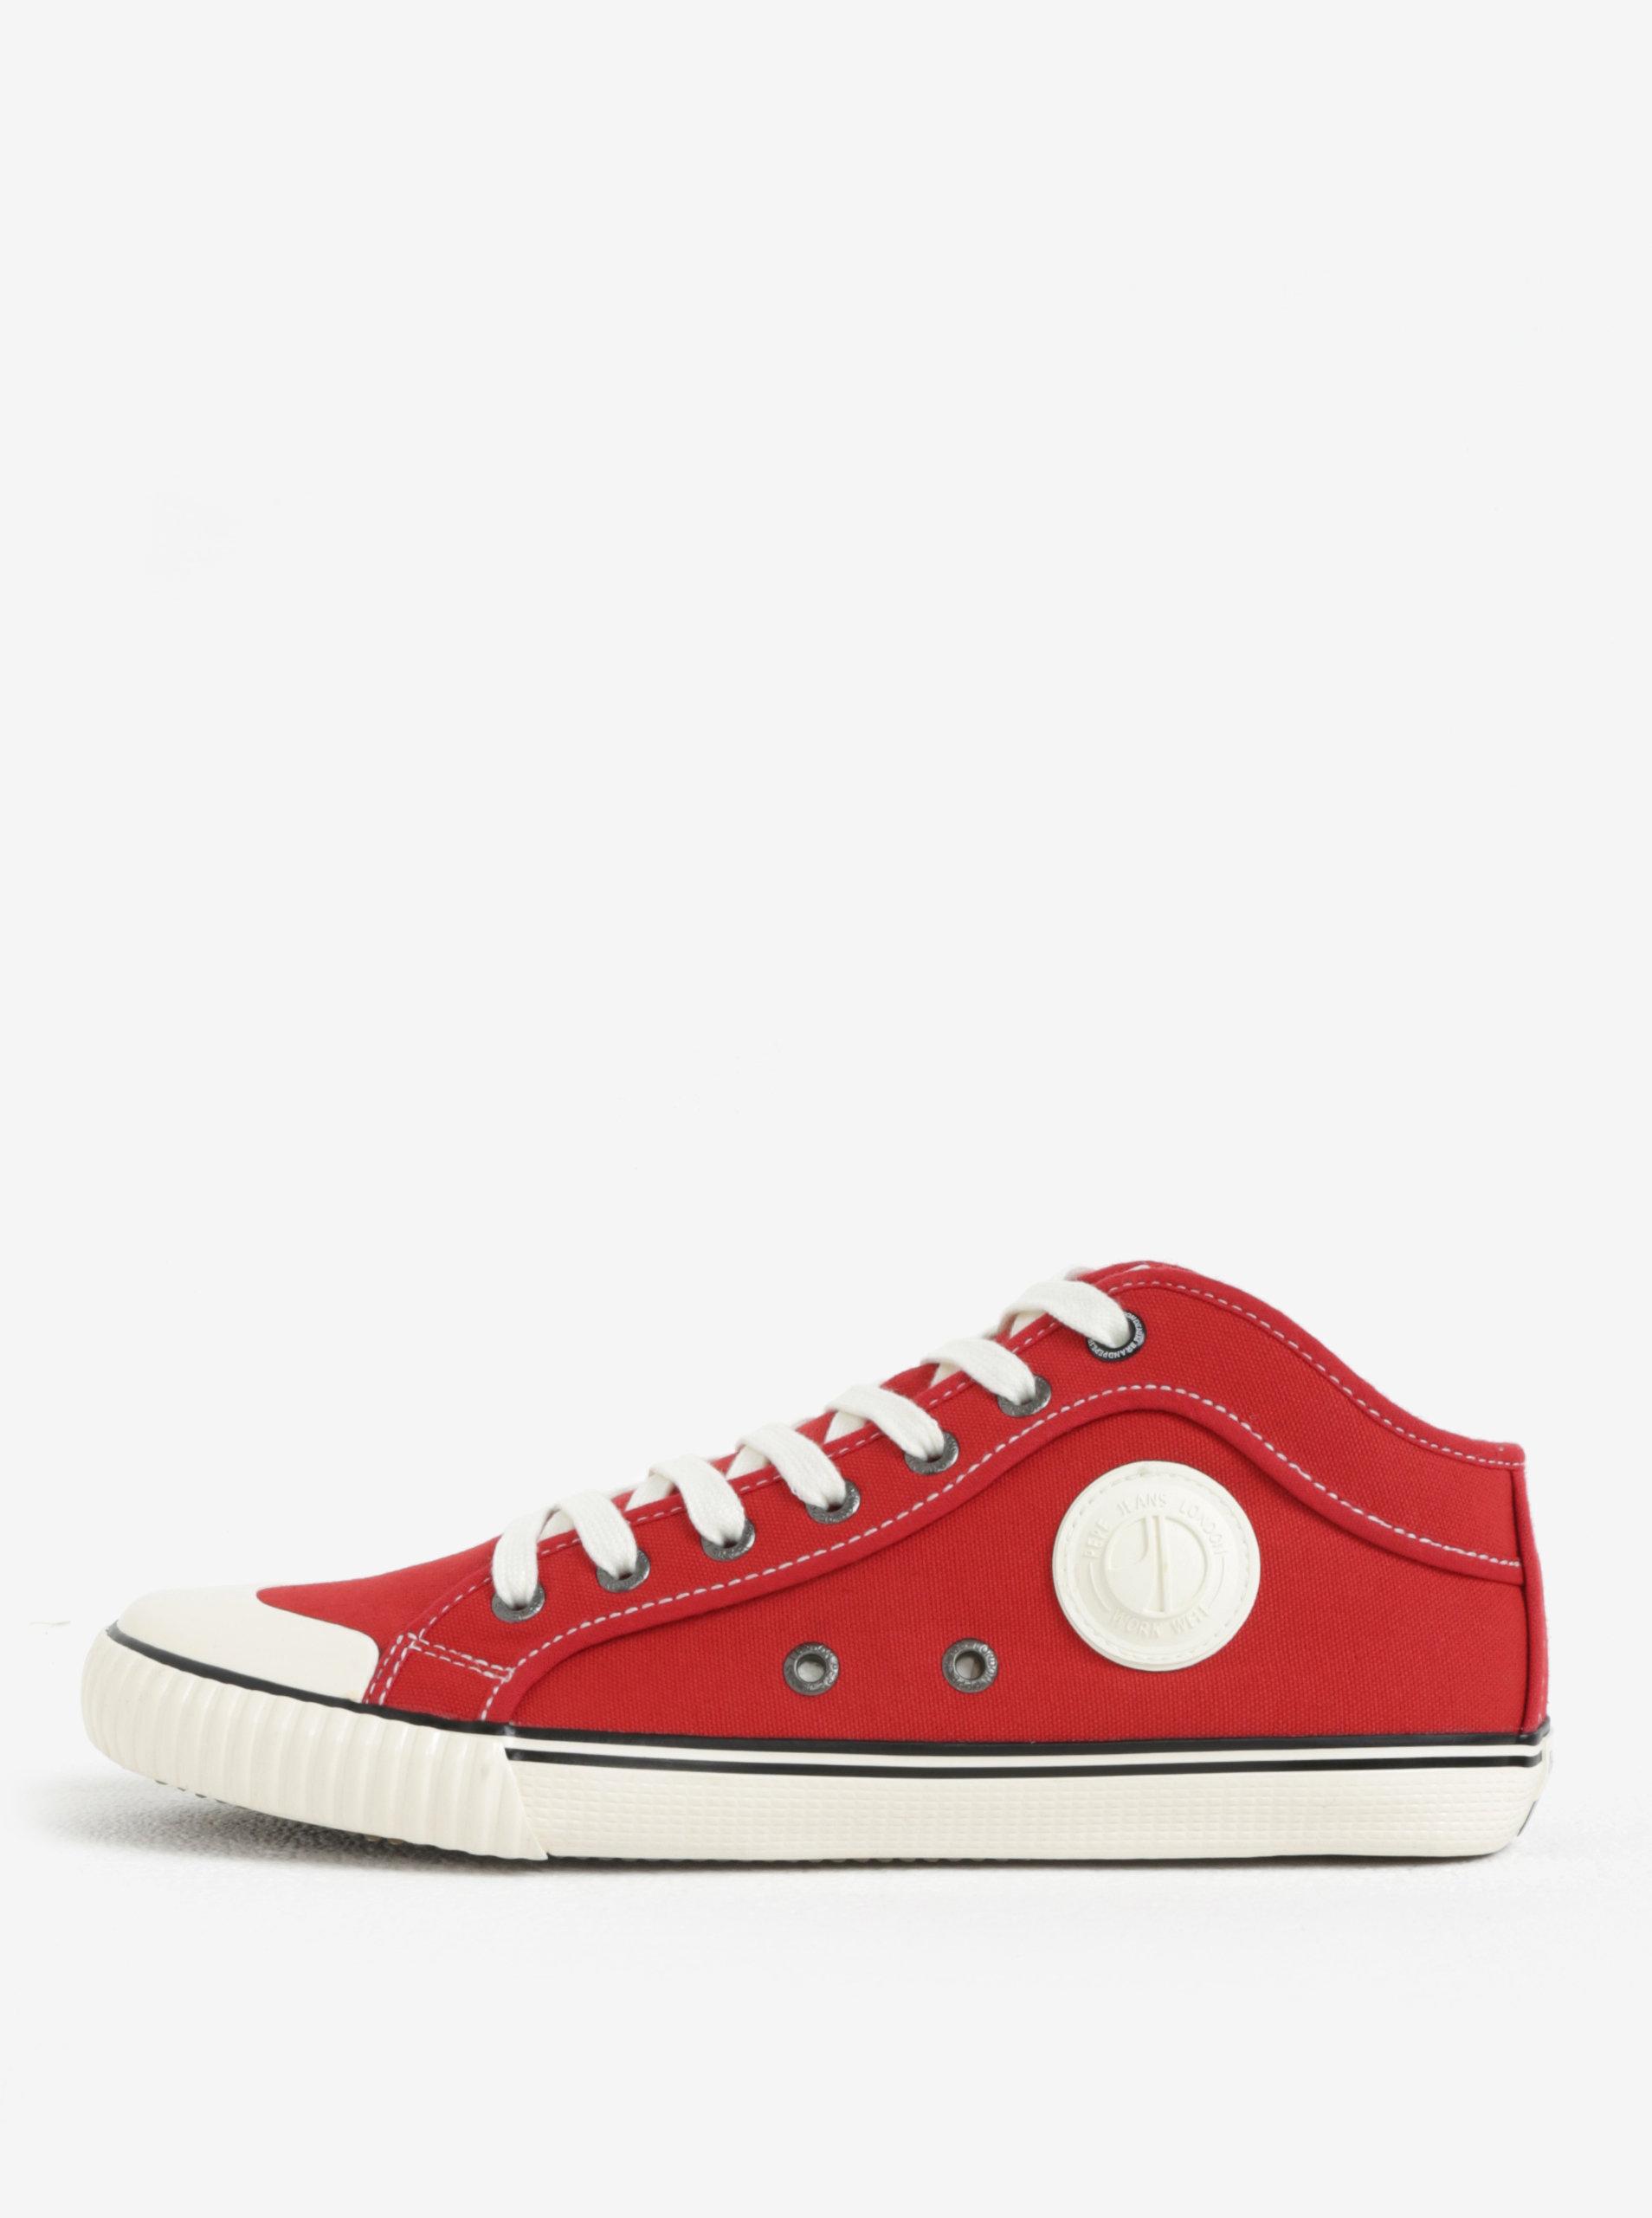 Bílo-červené pánské plátěné tenisky Pepe Jeans Industry ... 784ca923254